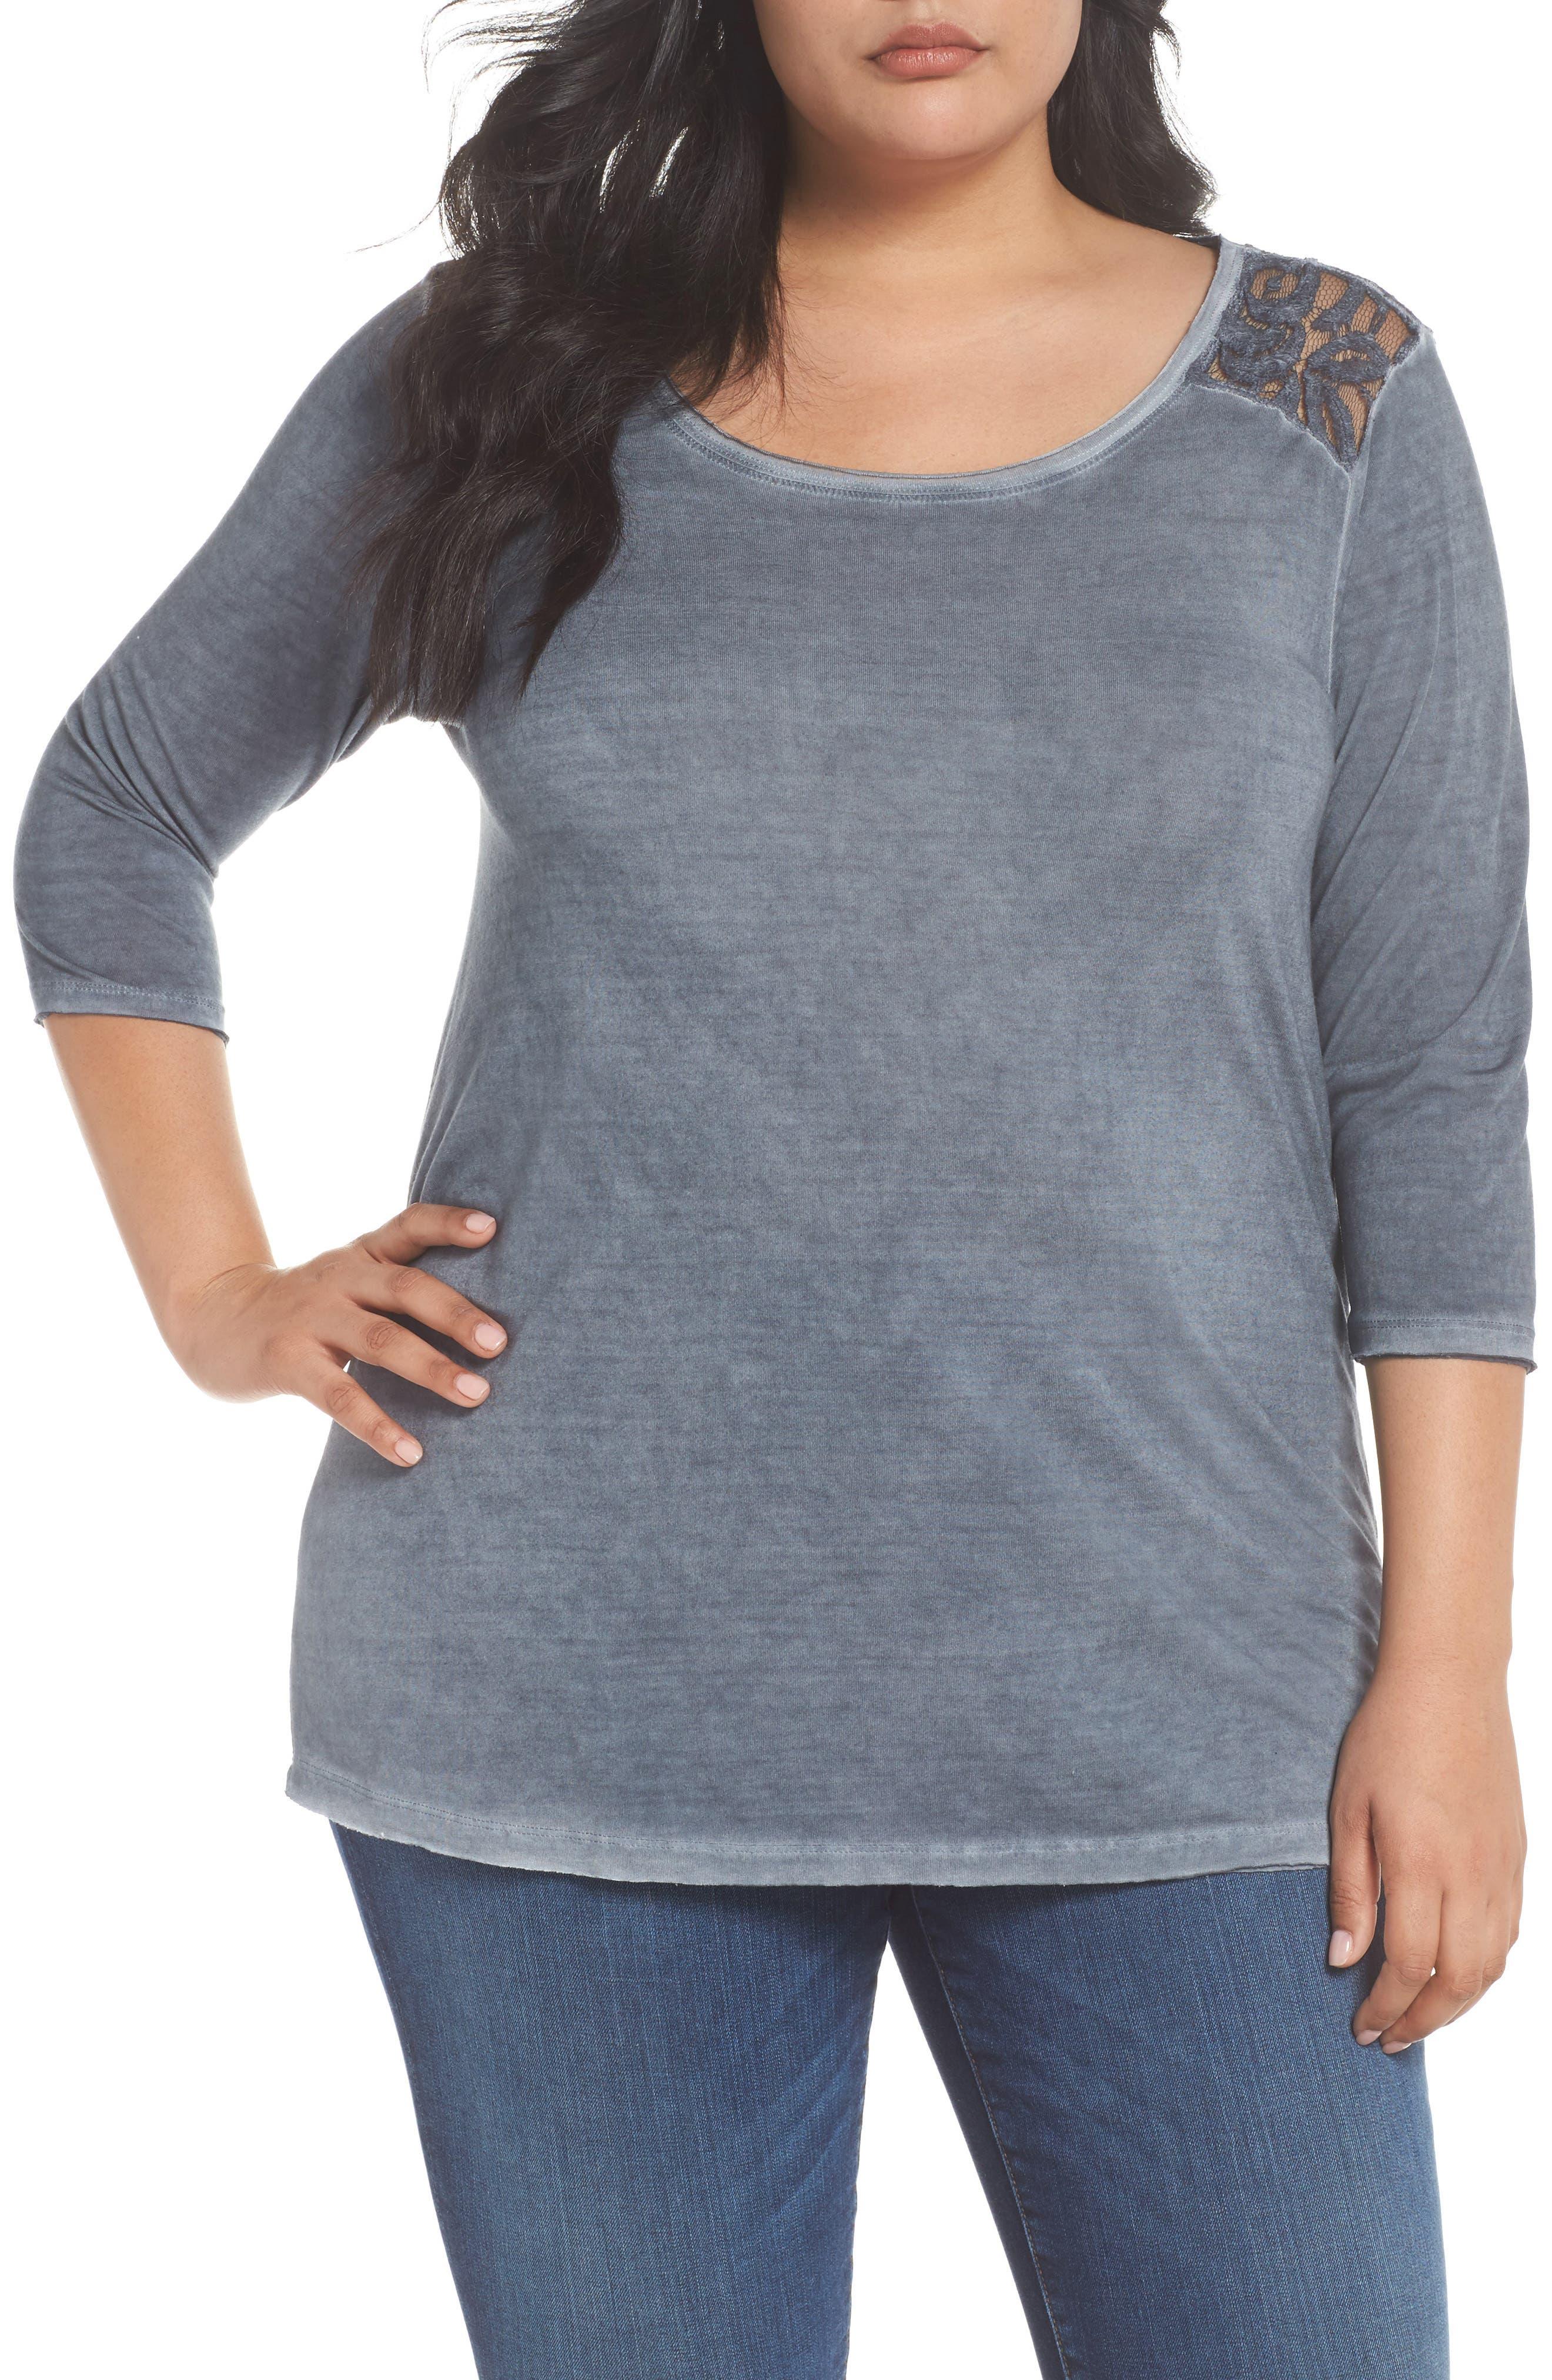 Main Image - Dantelle Lace Shoulder Oil-Dye Top (Plus Size)